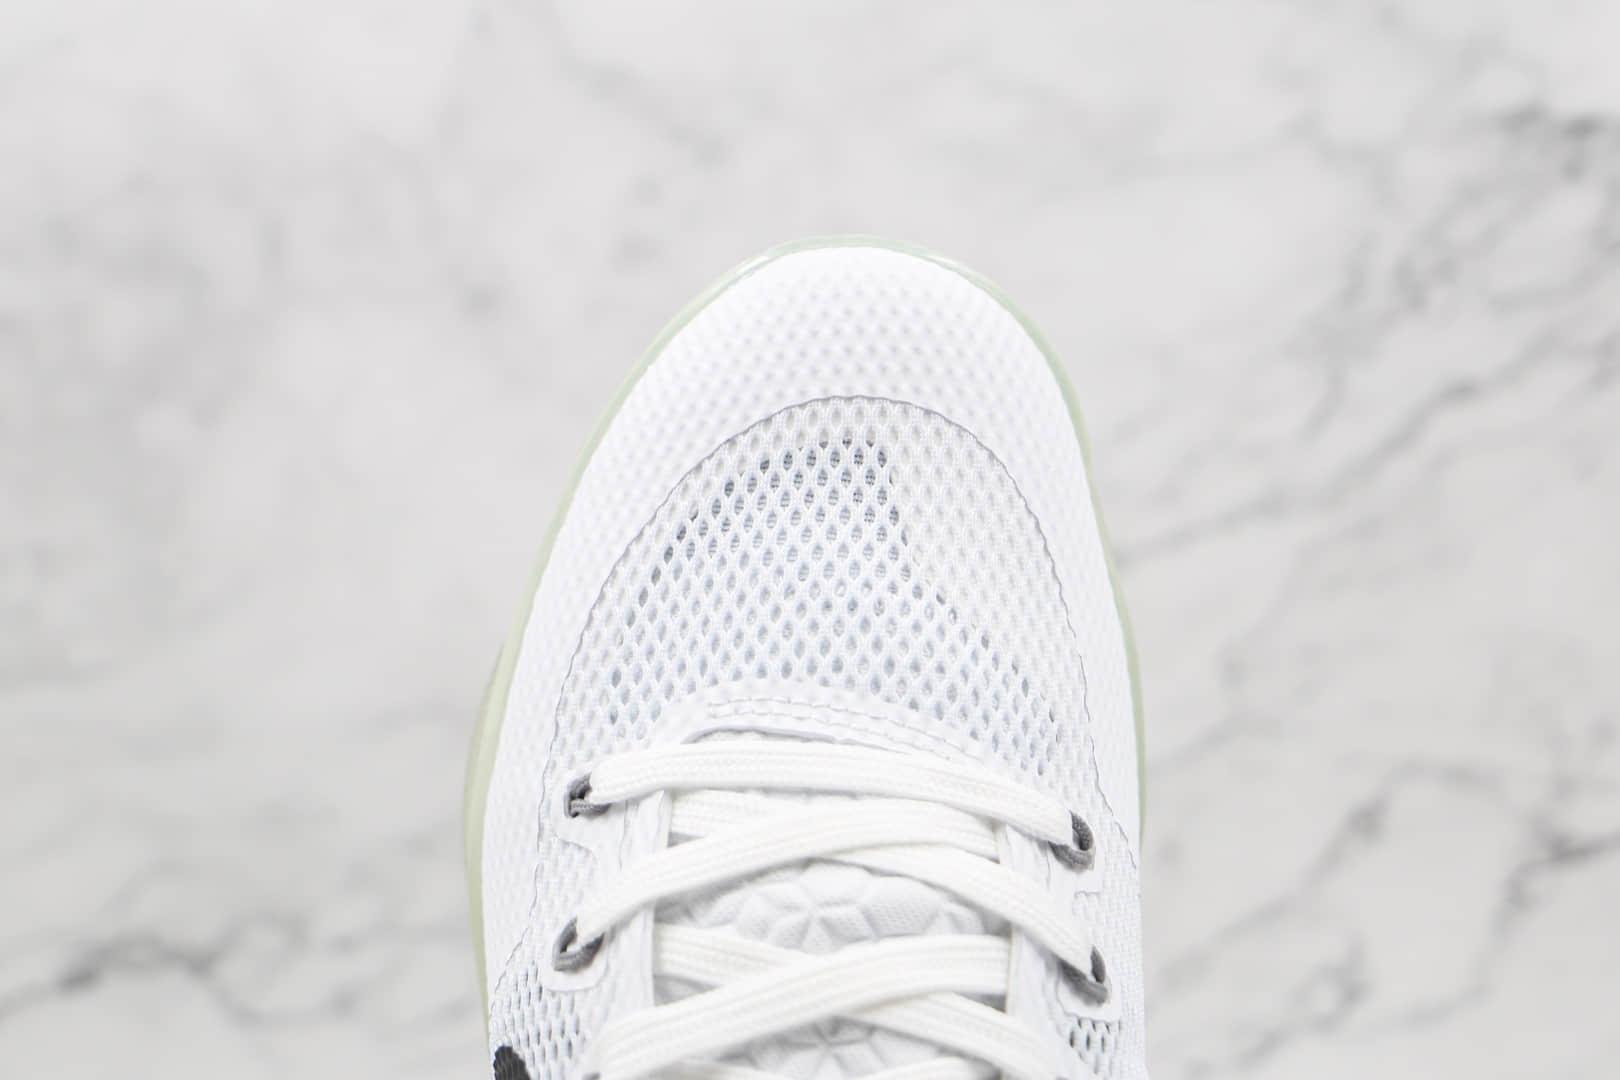 耐克Nike Kobe 11 EM纯原版本科比11代贝多芬白黑色篮球鞋原盒原标支持实战 货号:836184-100